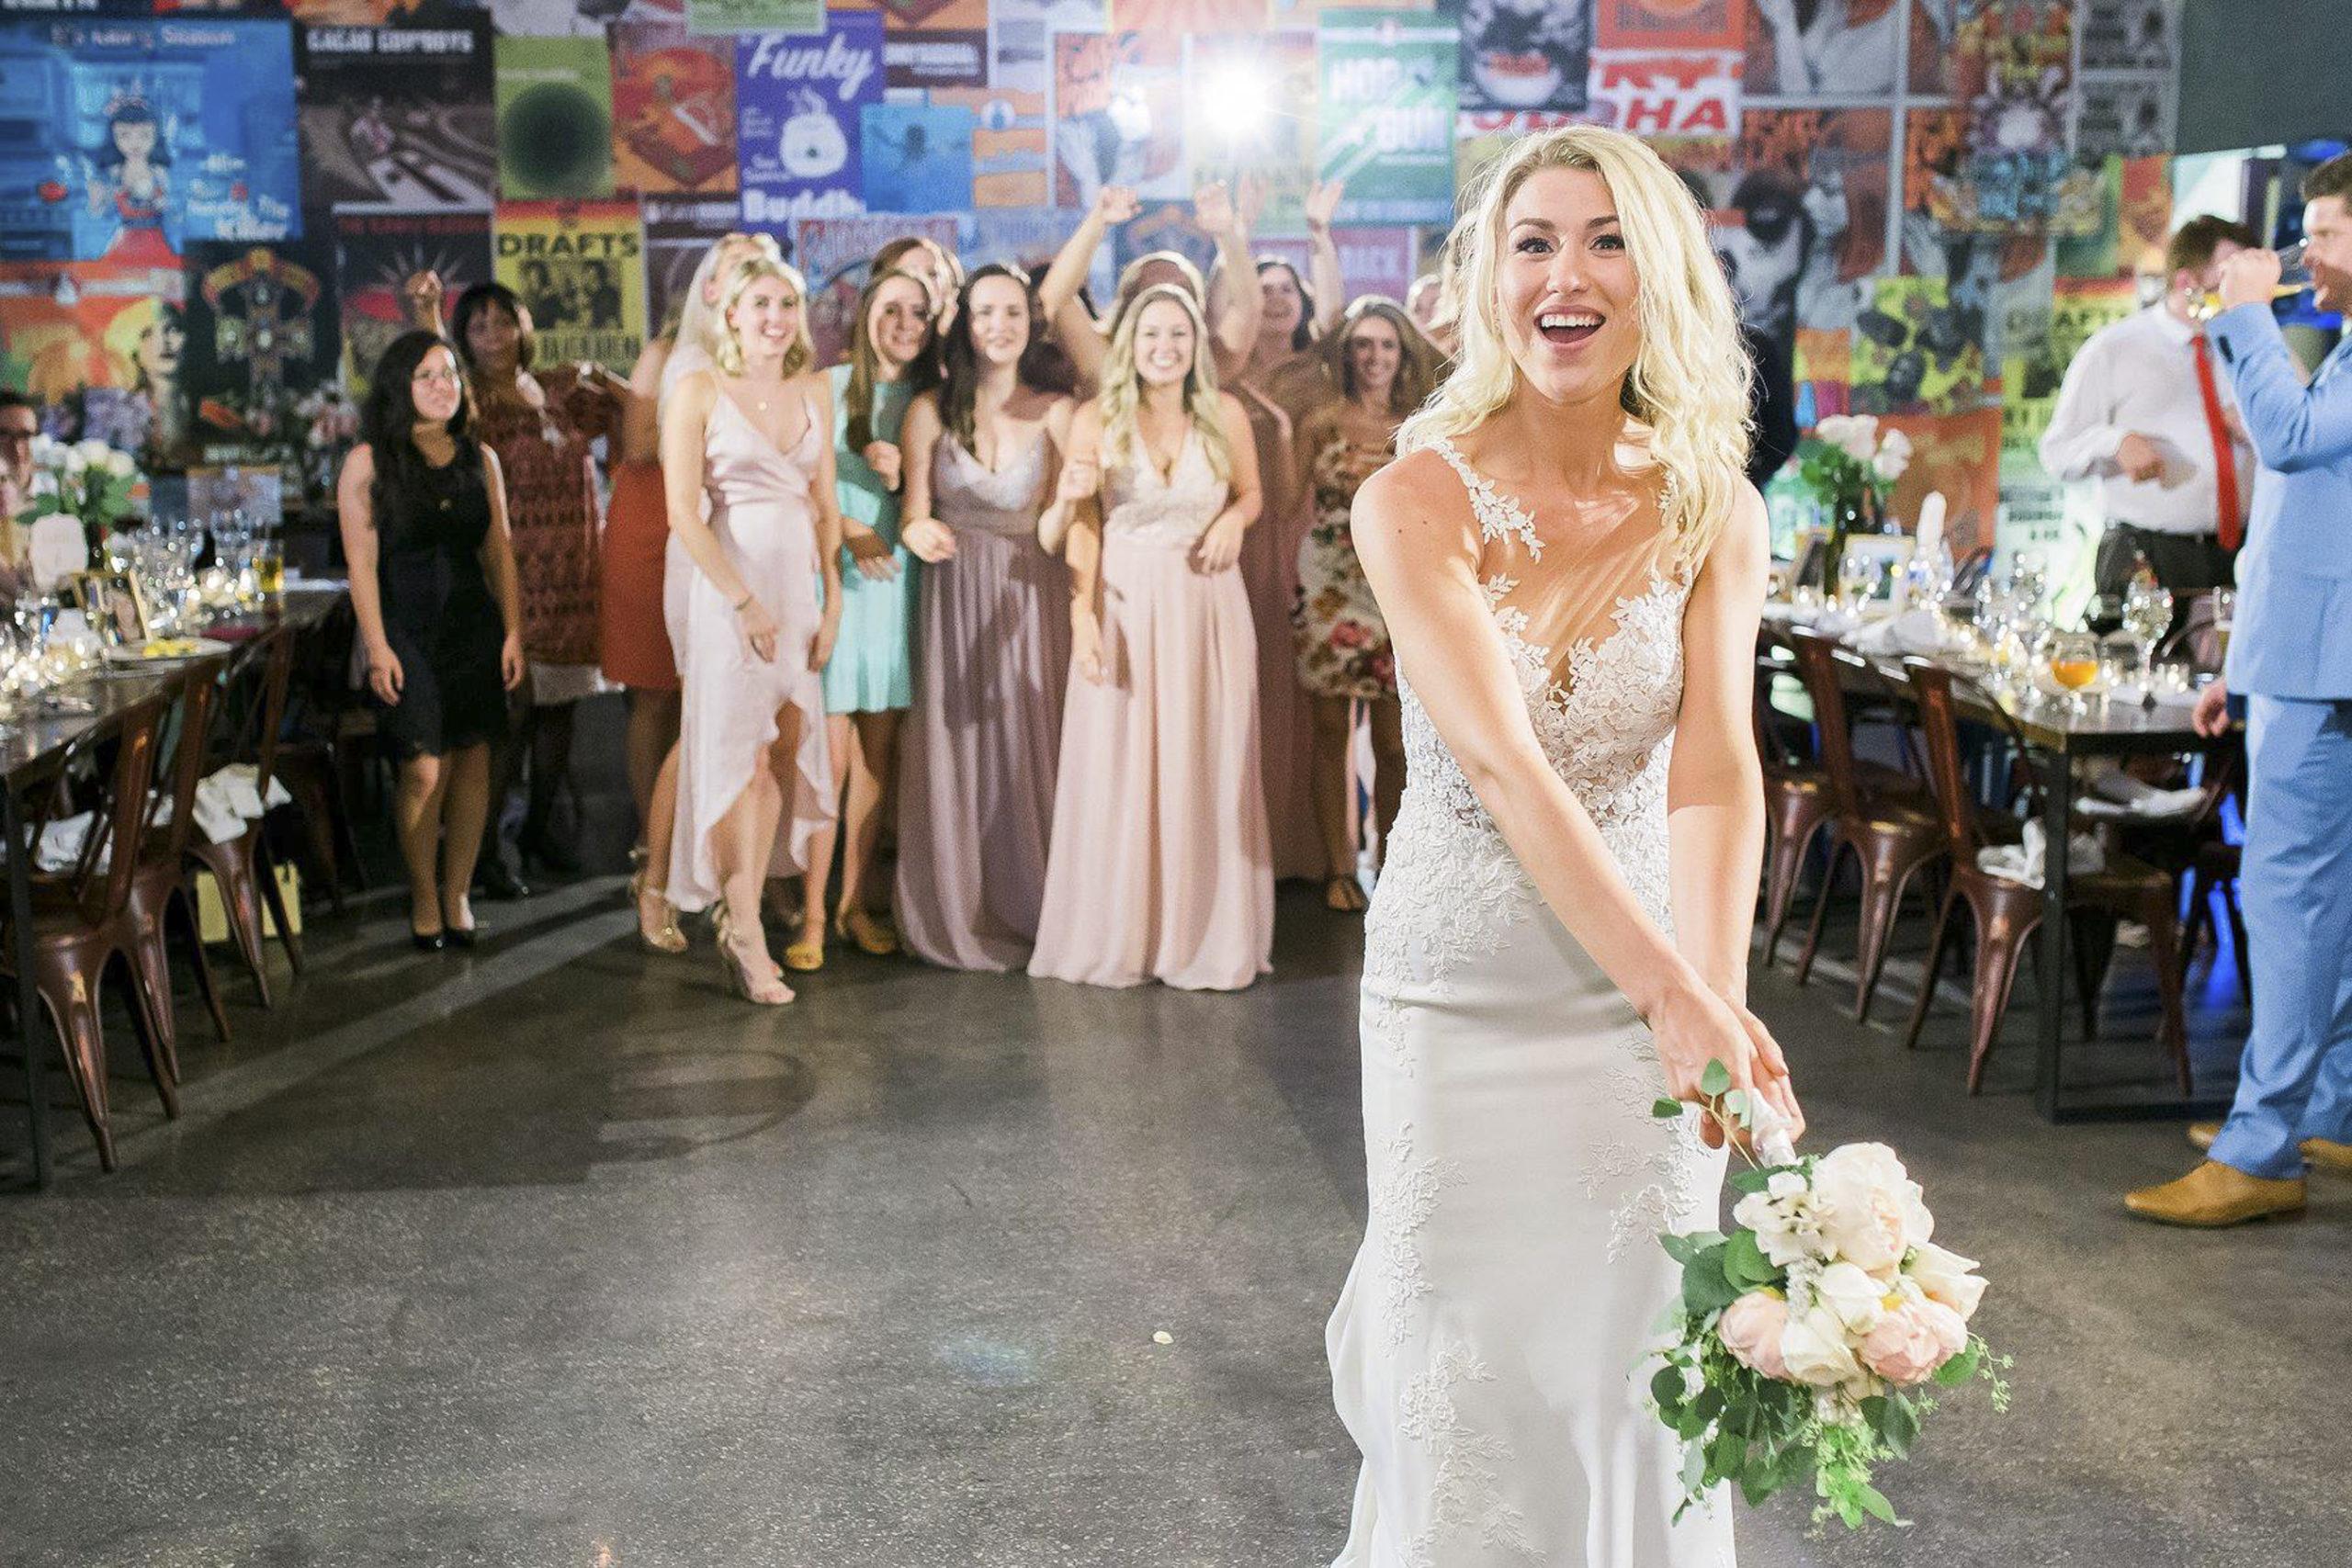 Bride throwing flowers